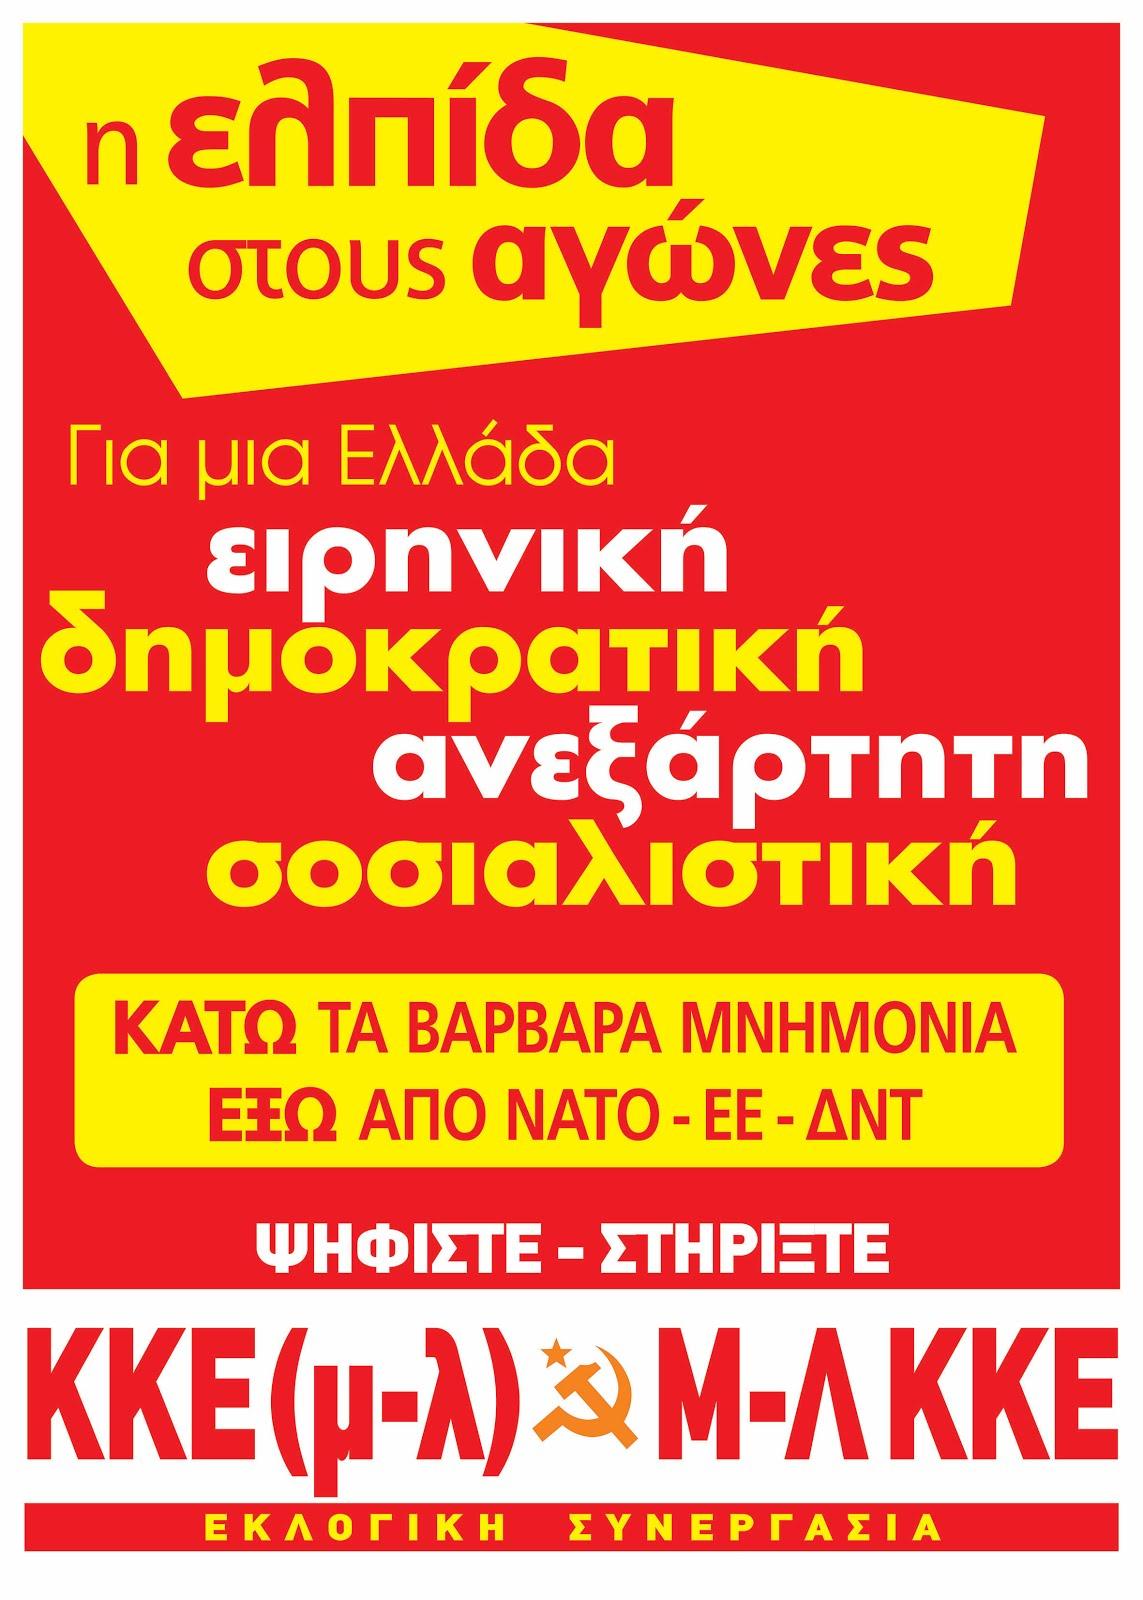 ΣΕΠΤΕΜΒΡΗΣ